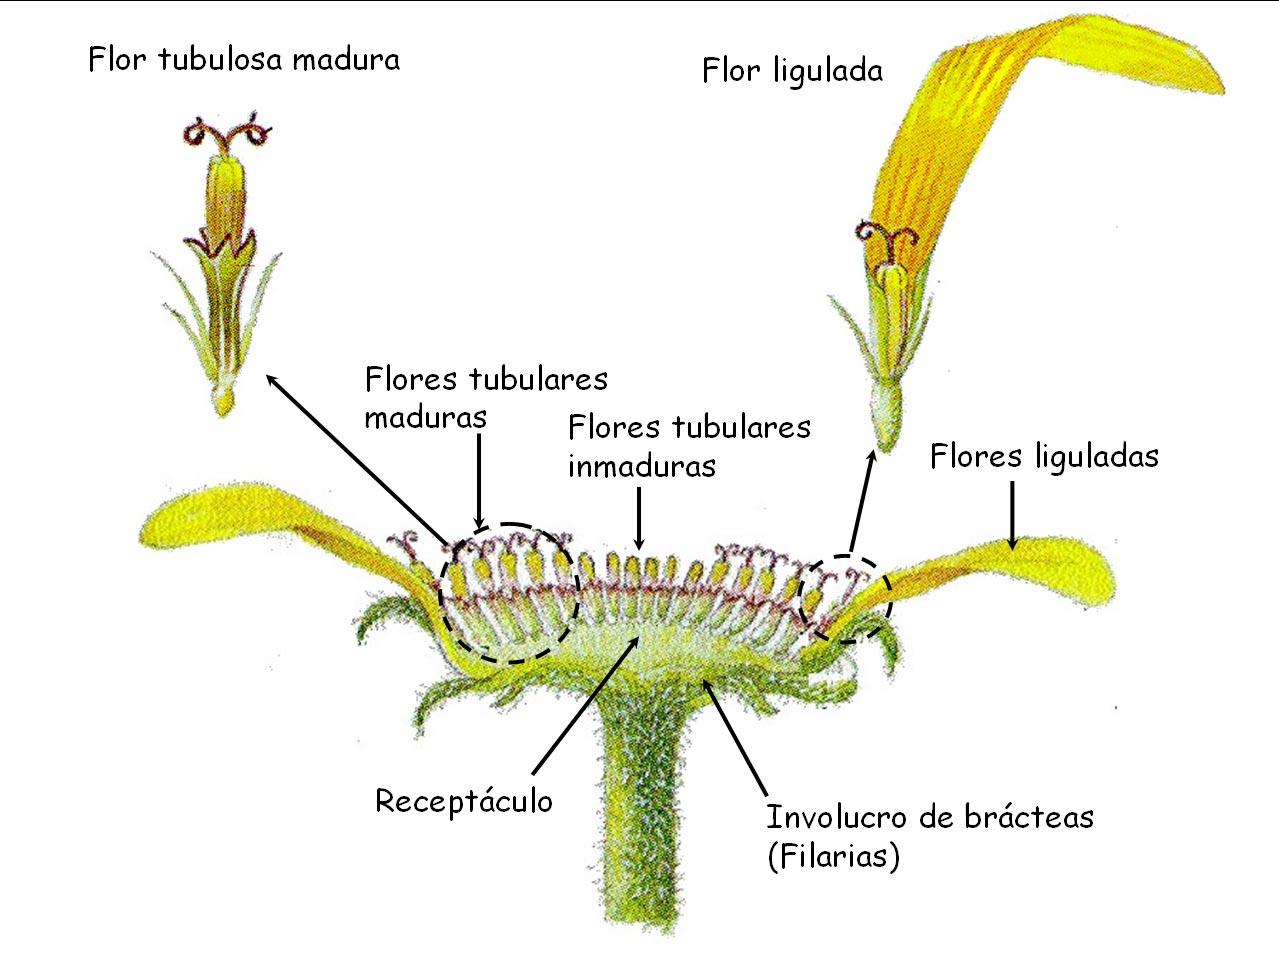 fruto en aquenio con o sin vilano ayuda para la diseminacin anemfila